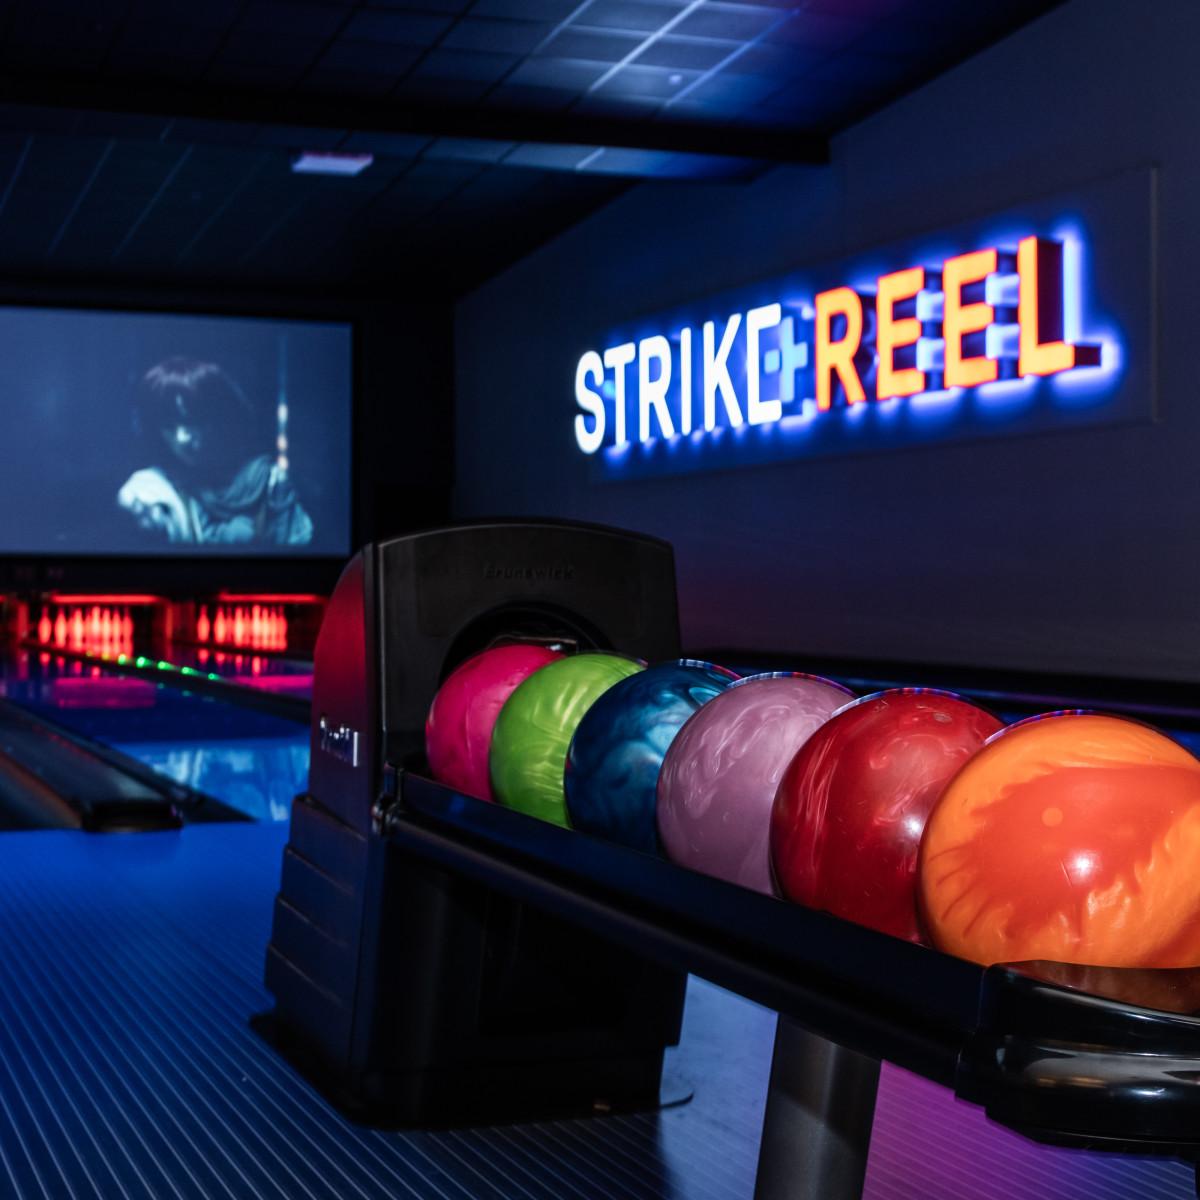 Strike and Reel